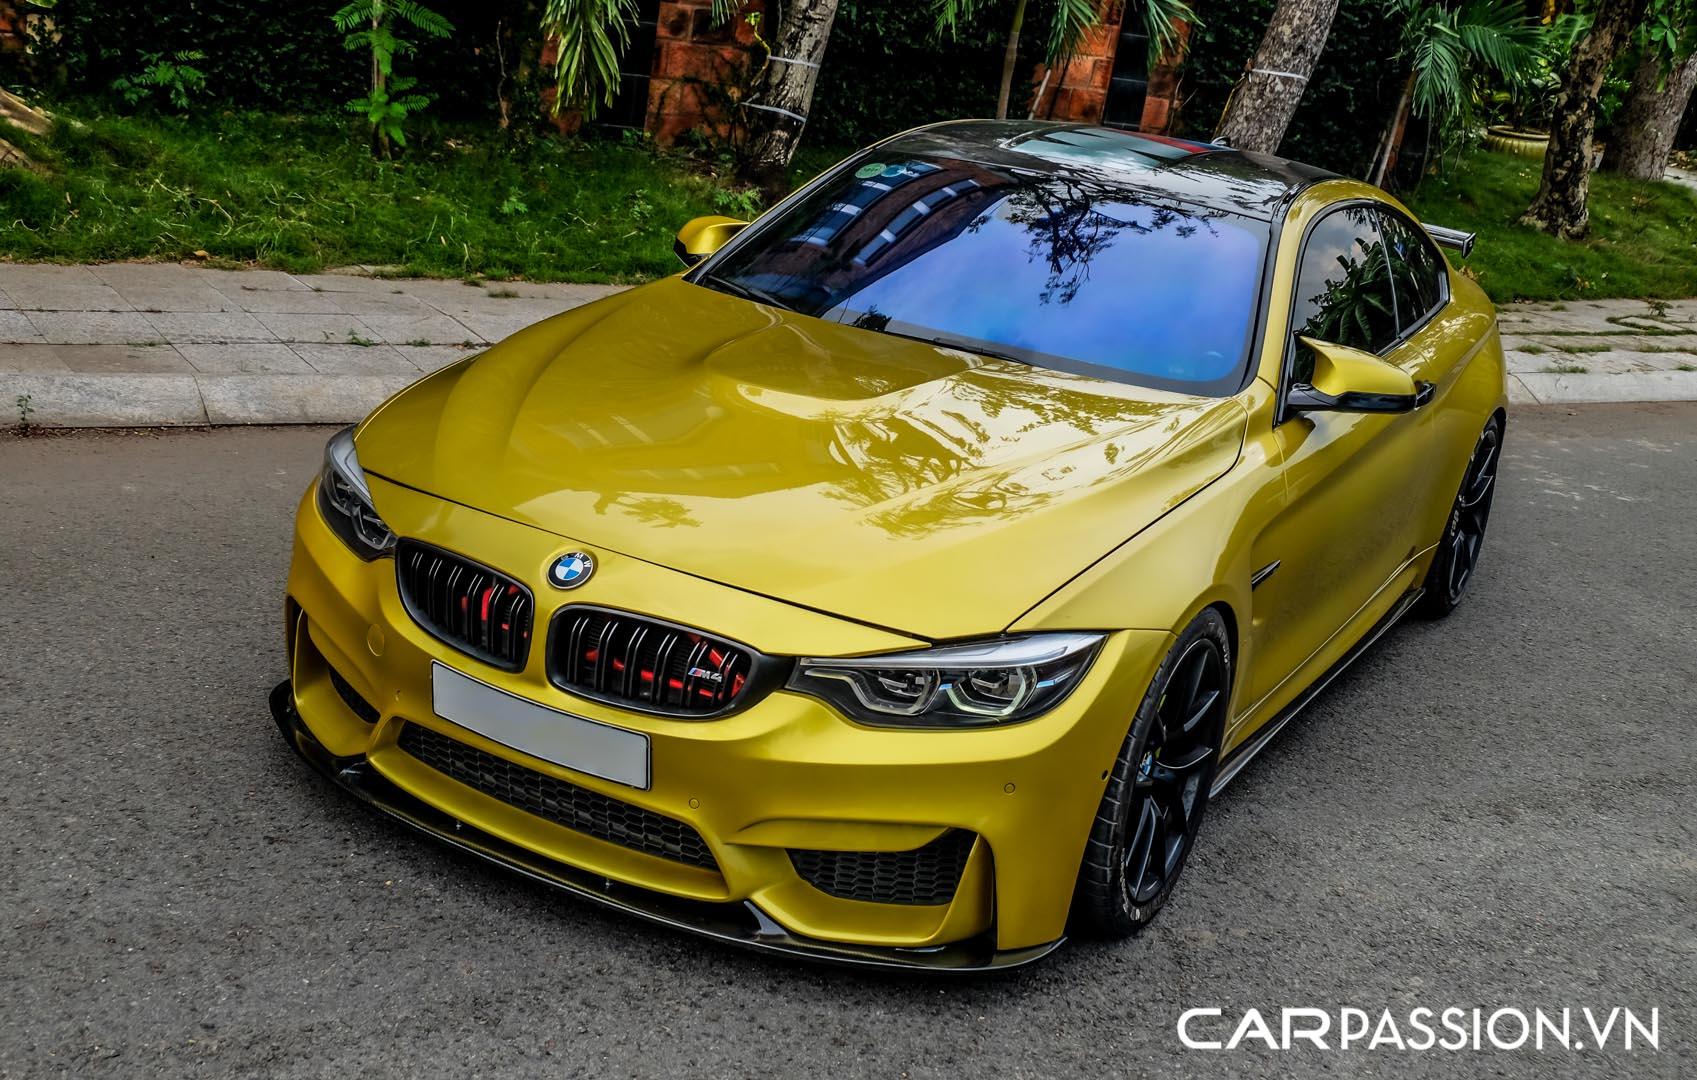 CP-BMW M4 F8 được rao bán (24).jpg